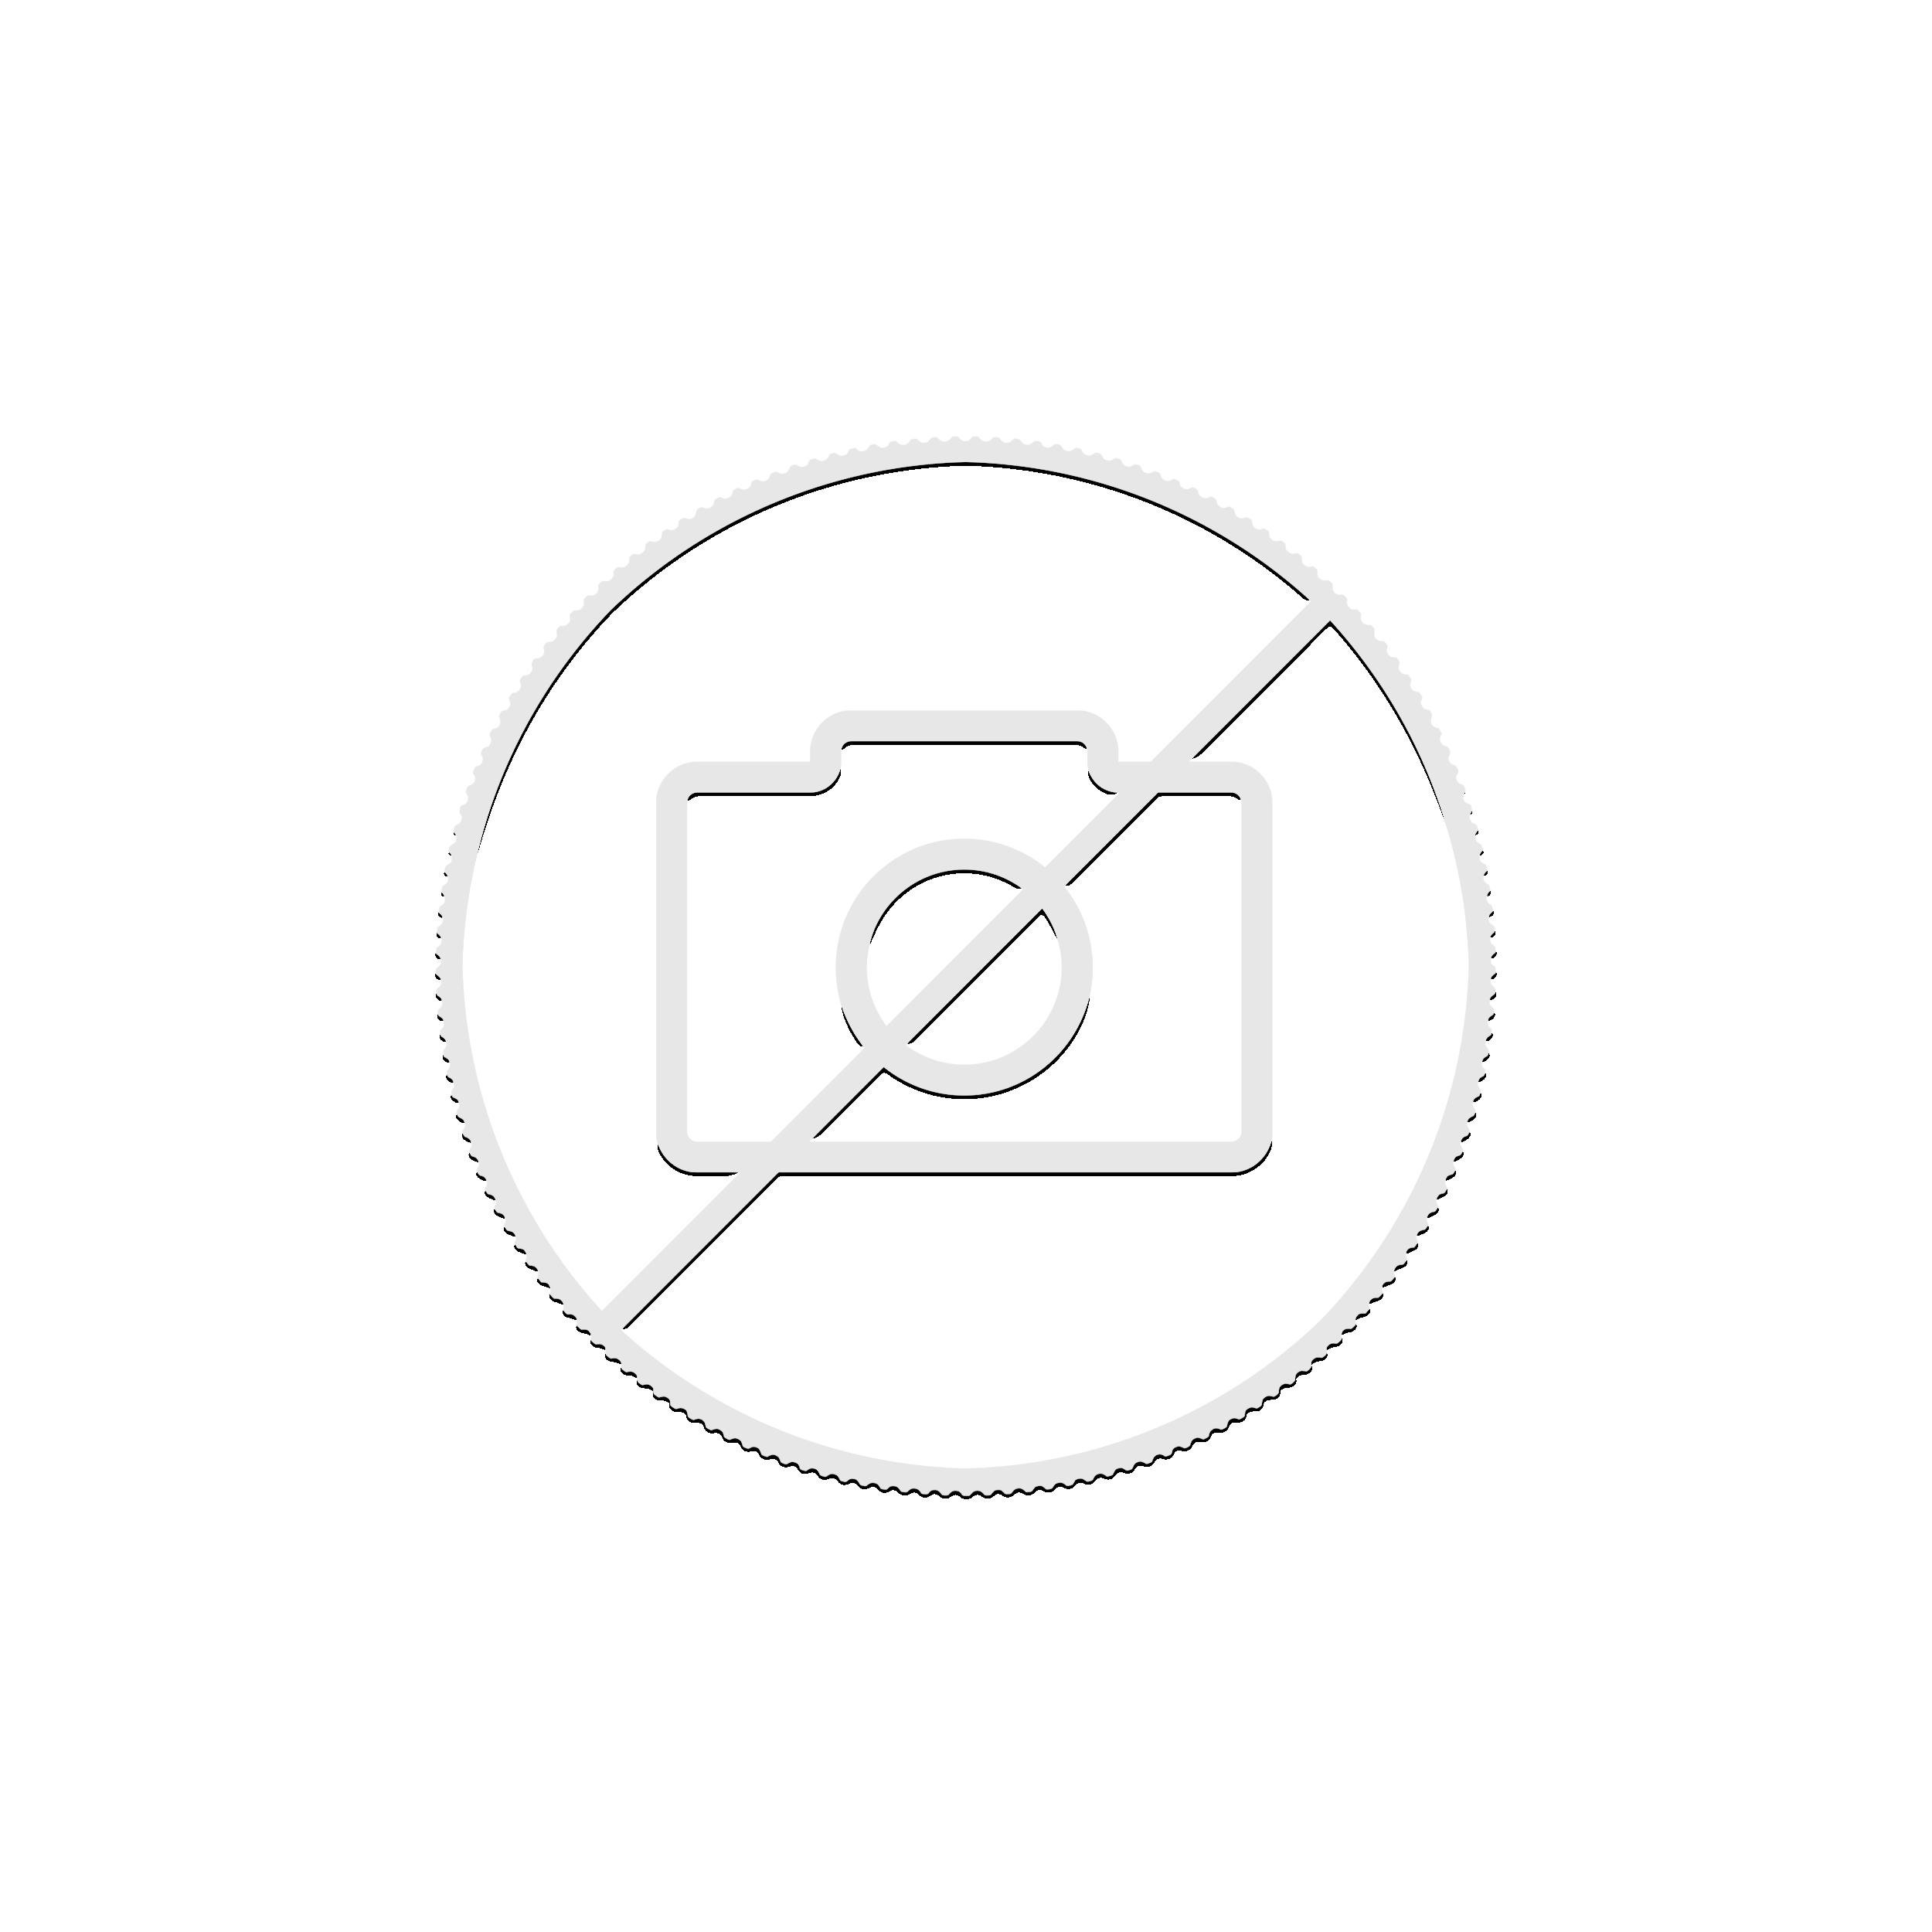 2 troy ounce zilveren munt Niue Hawksbill Turtle 2016 of 2015